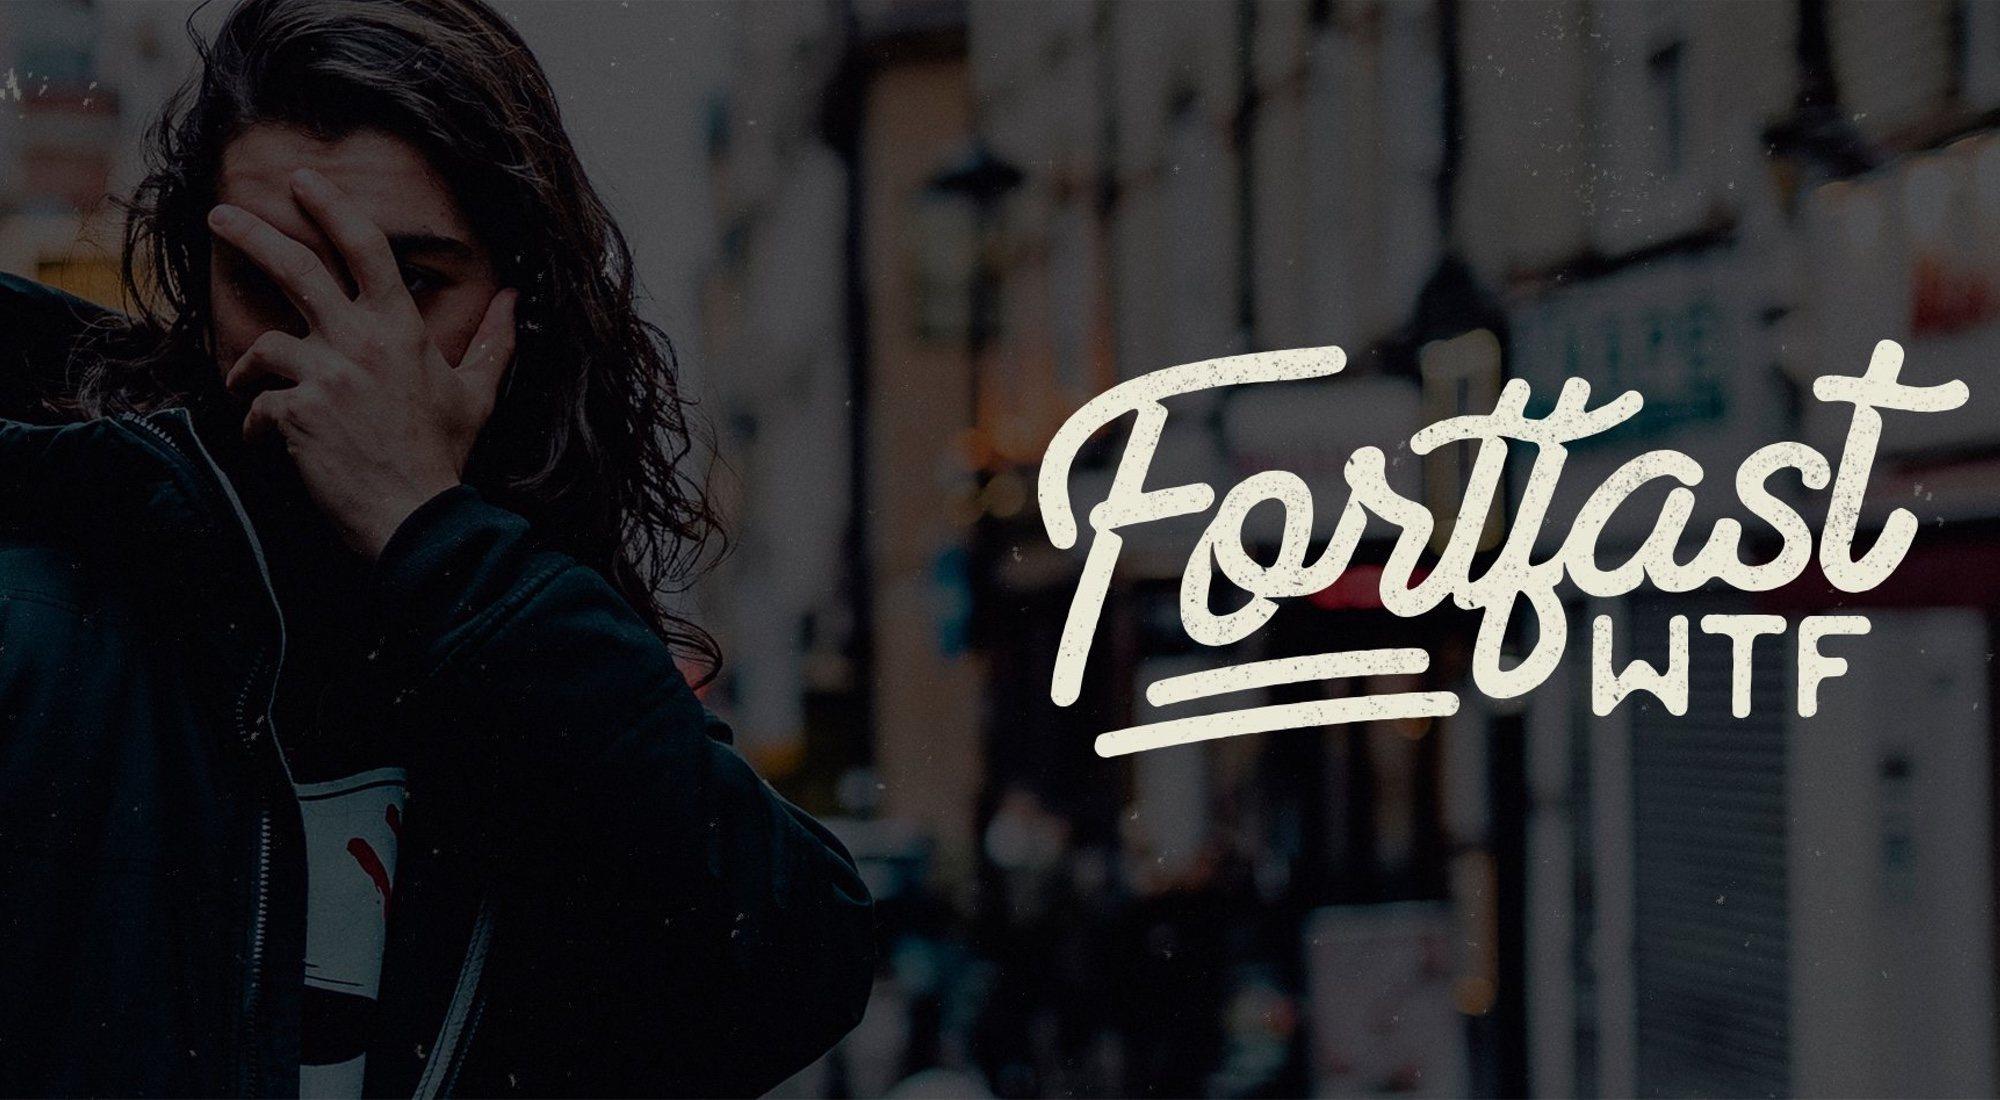 Fortfast WTF: entretenimiento y crítica social para crear un producto original y adictivo